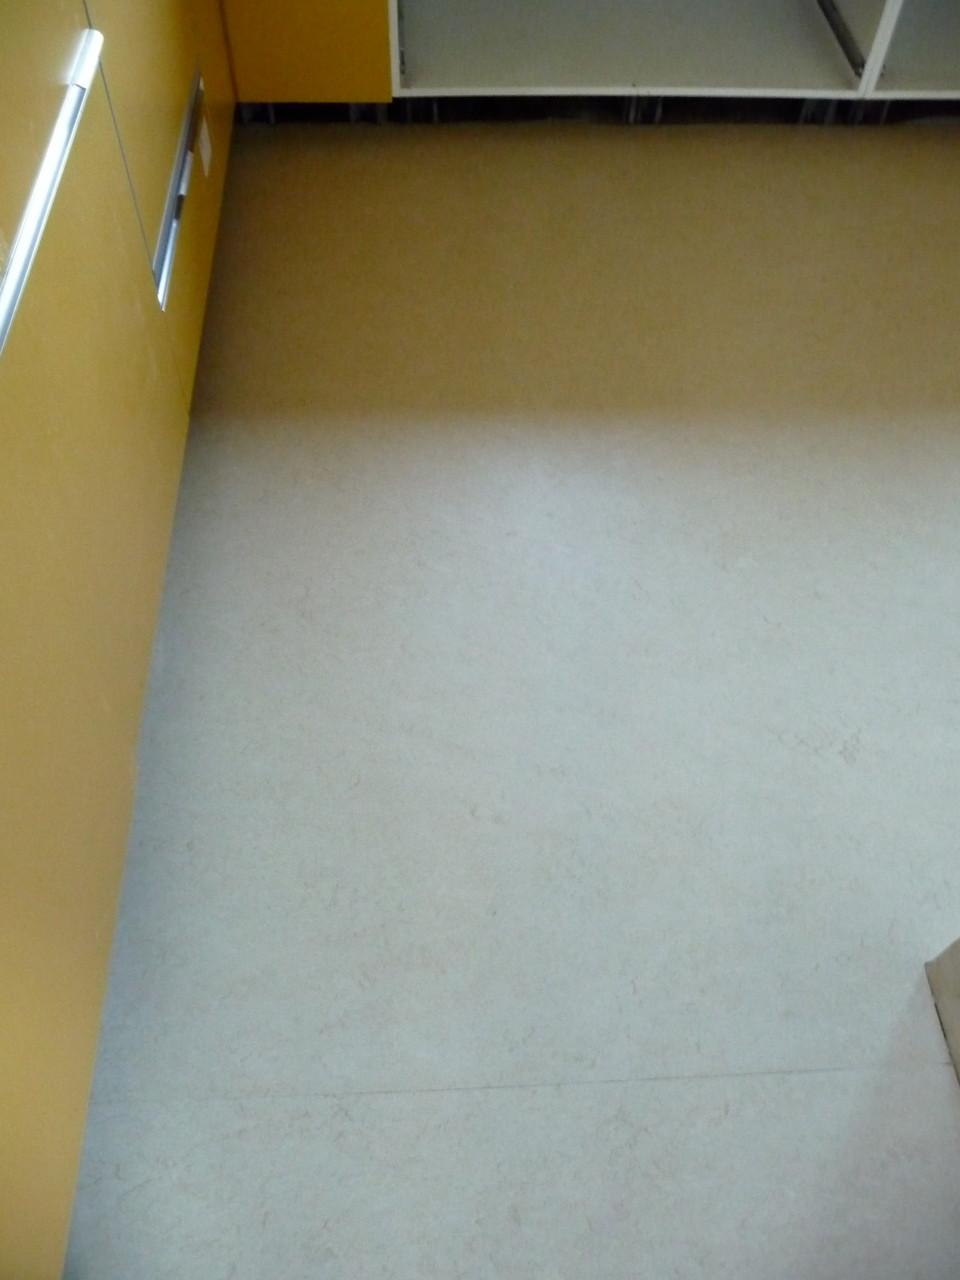 Neuer Küchenfußboden!